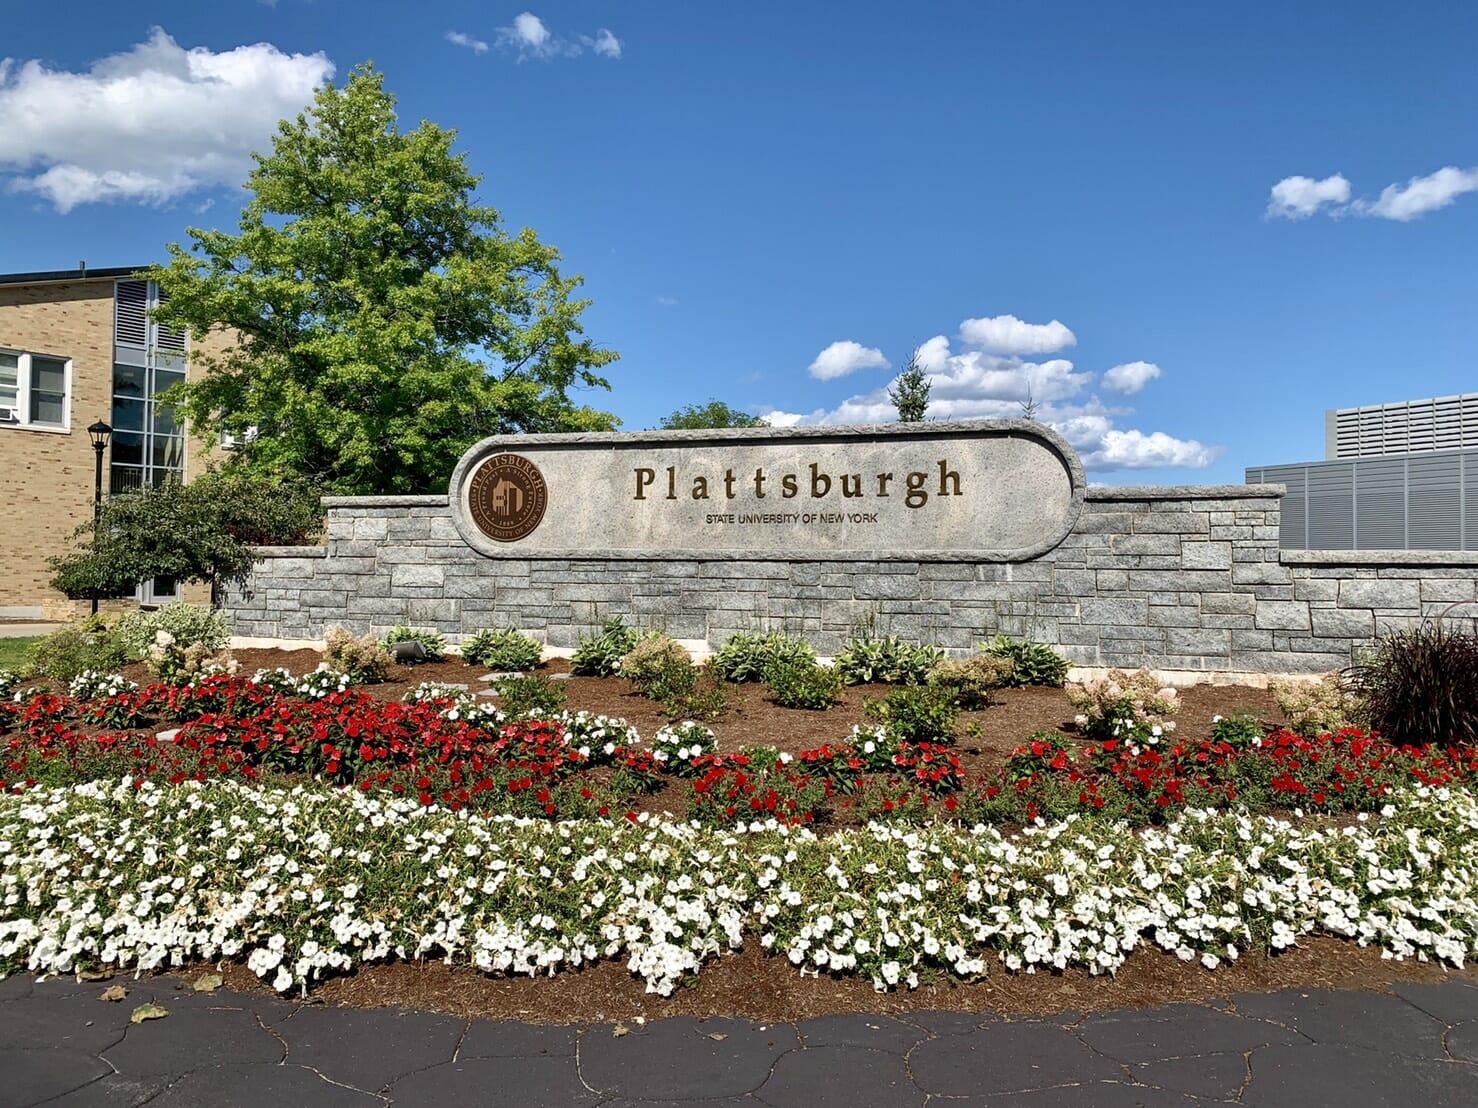 ニューヨーク州立大学 プラッツバーグ校に正規留学している私が学校を紹介